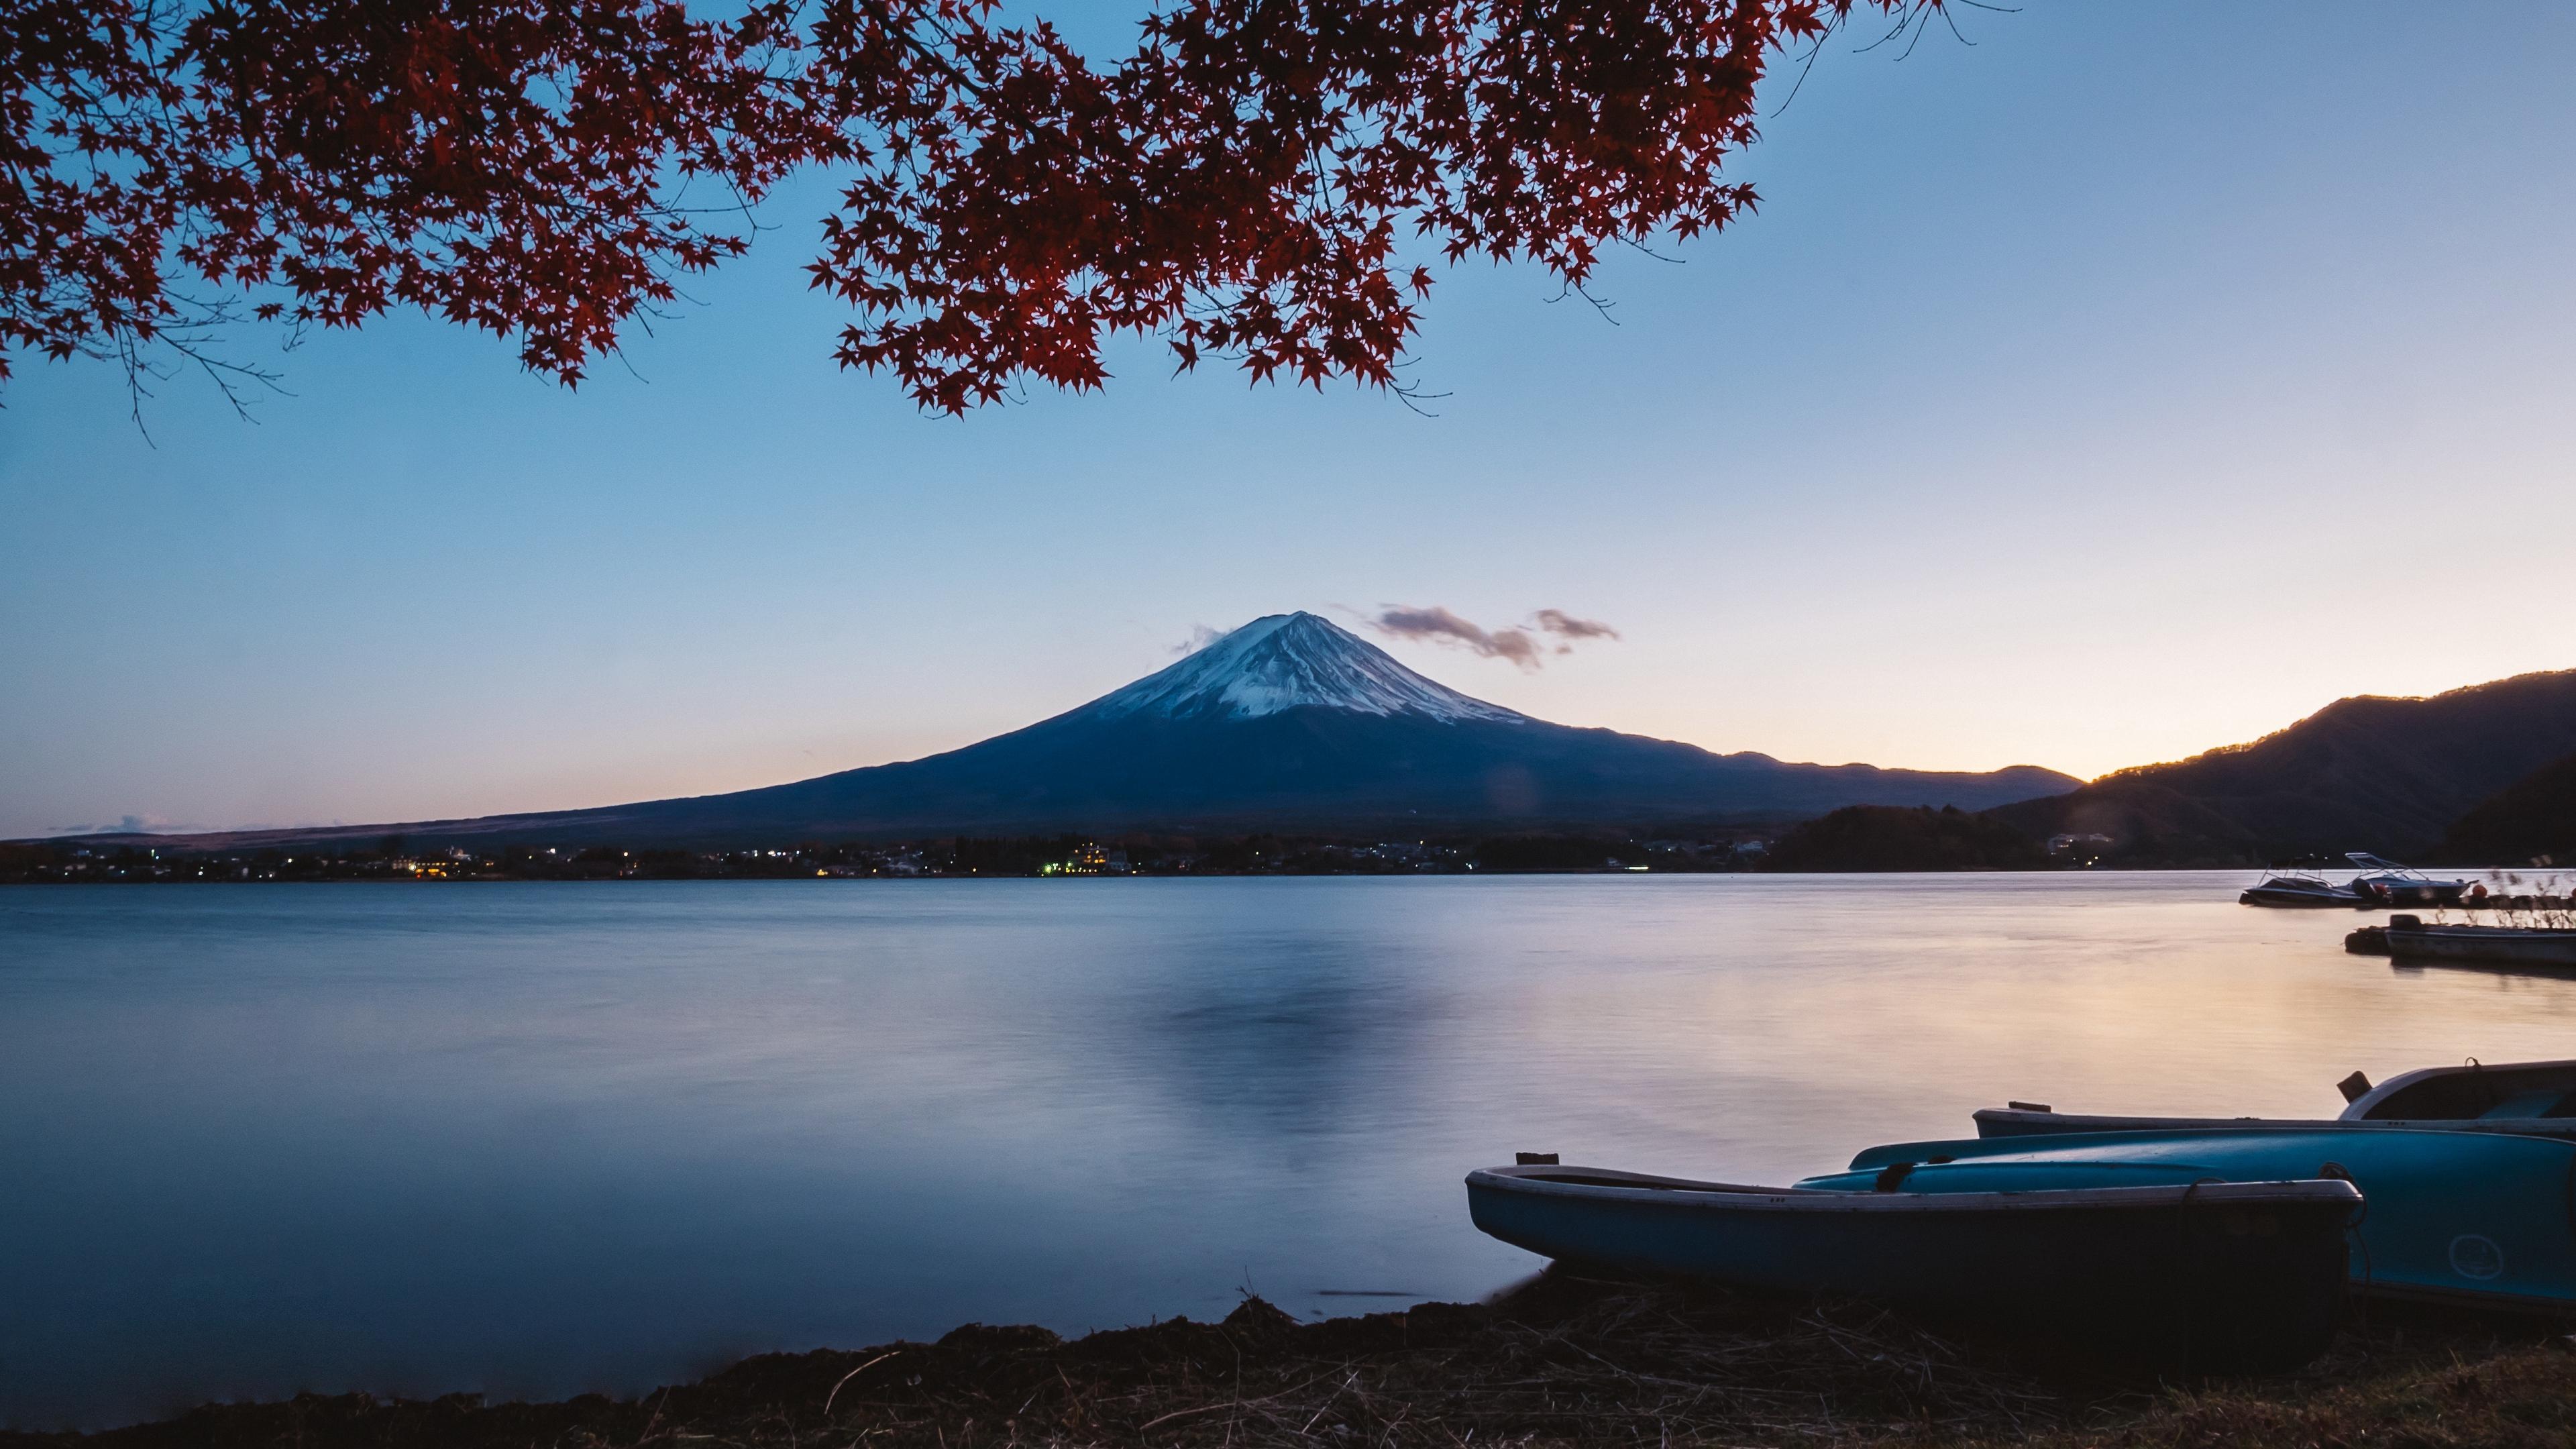 volcano mountain lake tree autumn 4k 1541117316 - volcano, mountain, lake, tree, autumn 4k - volcano, Mountain, Lake